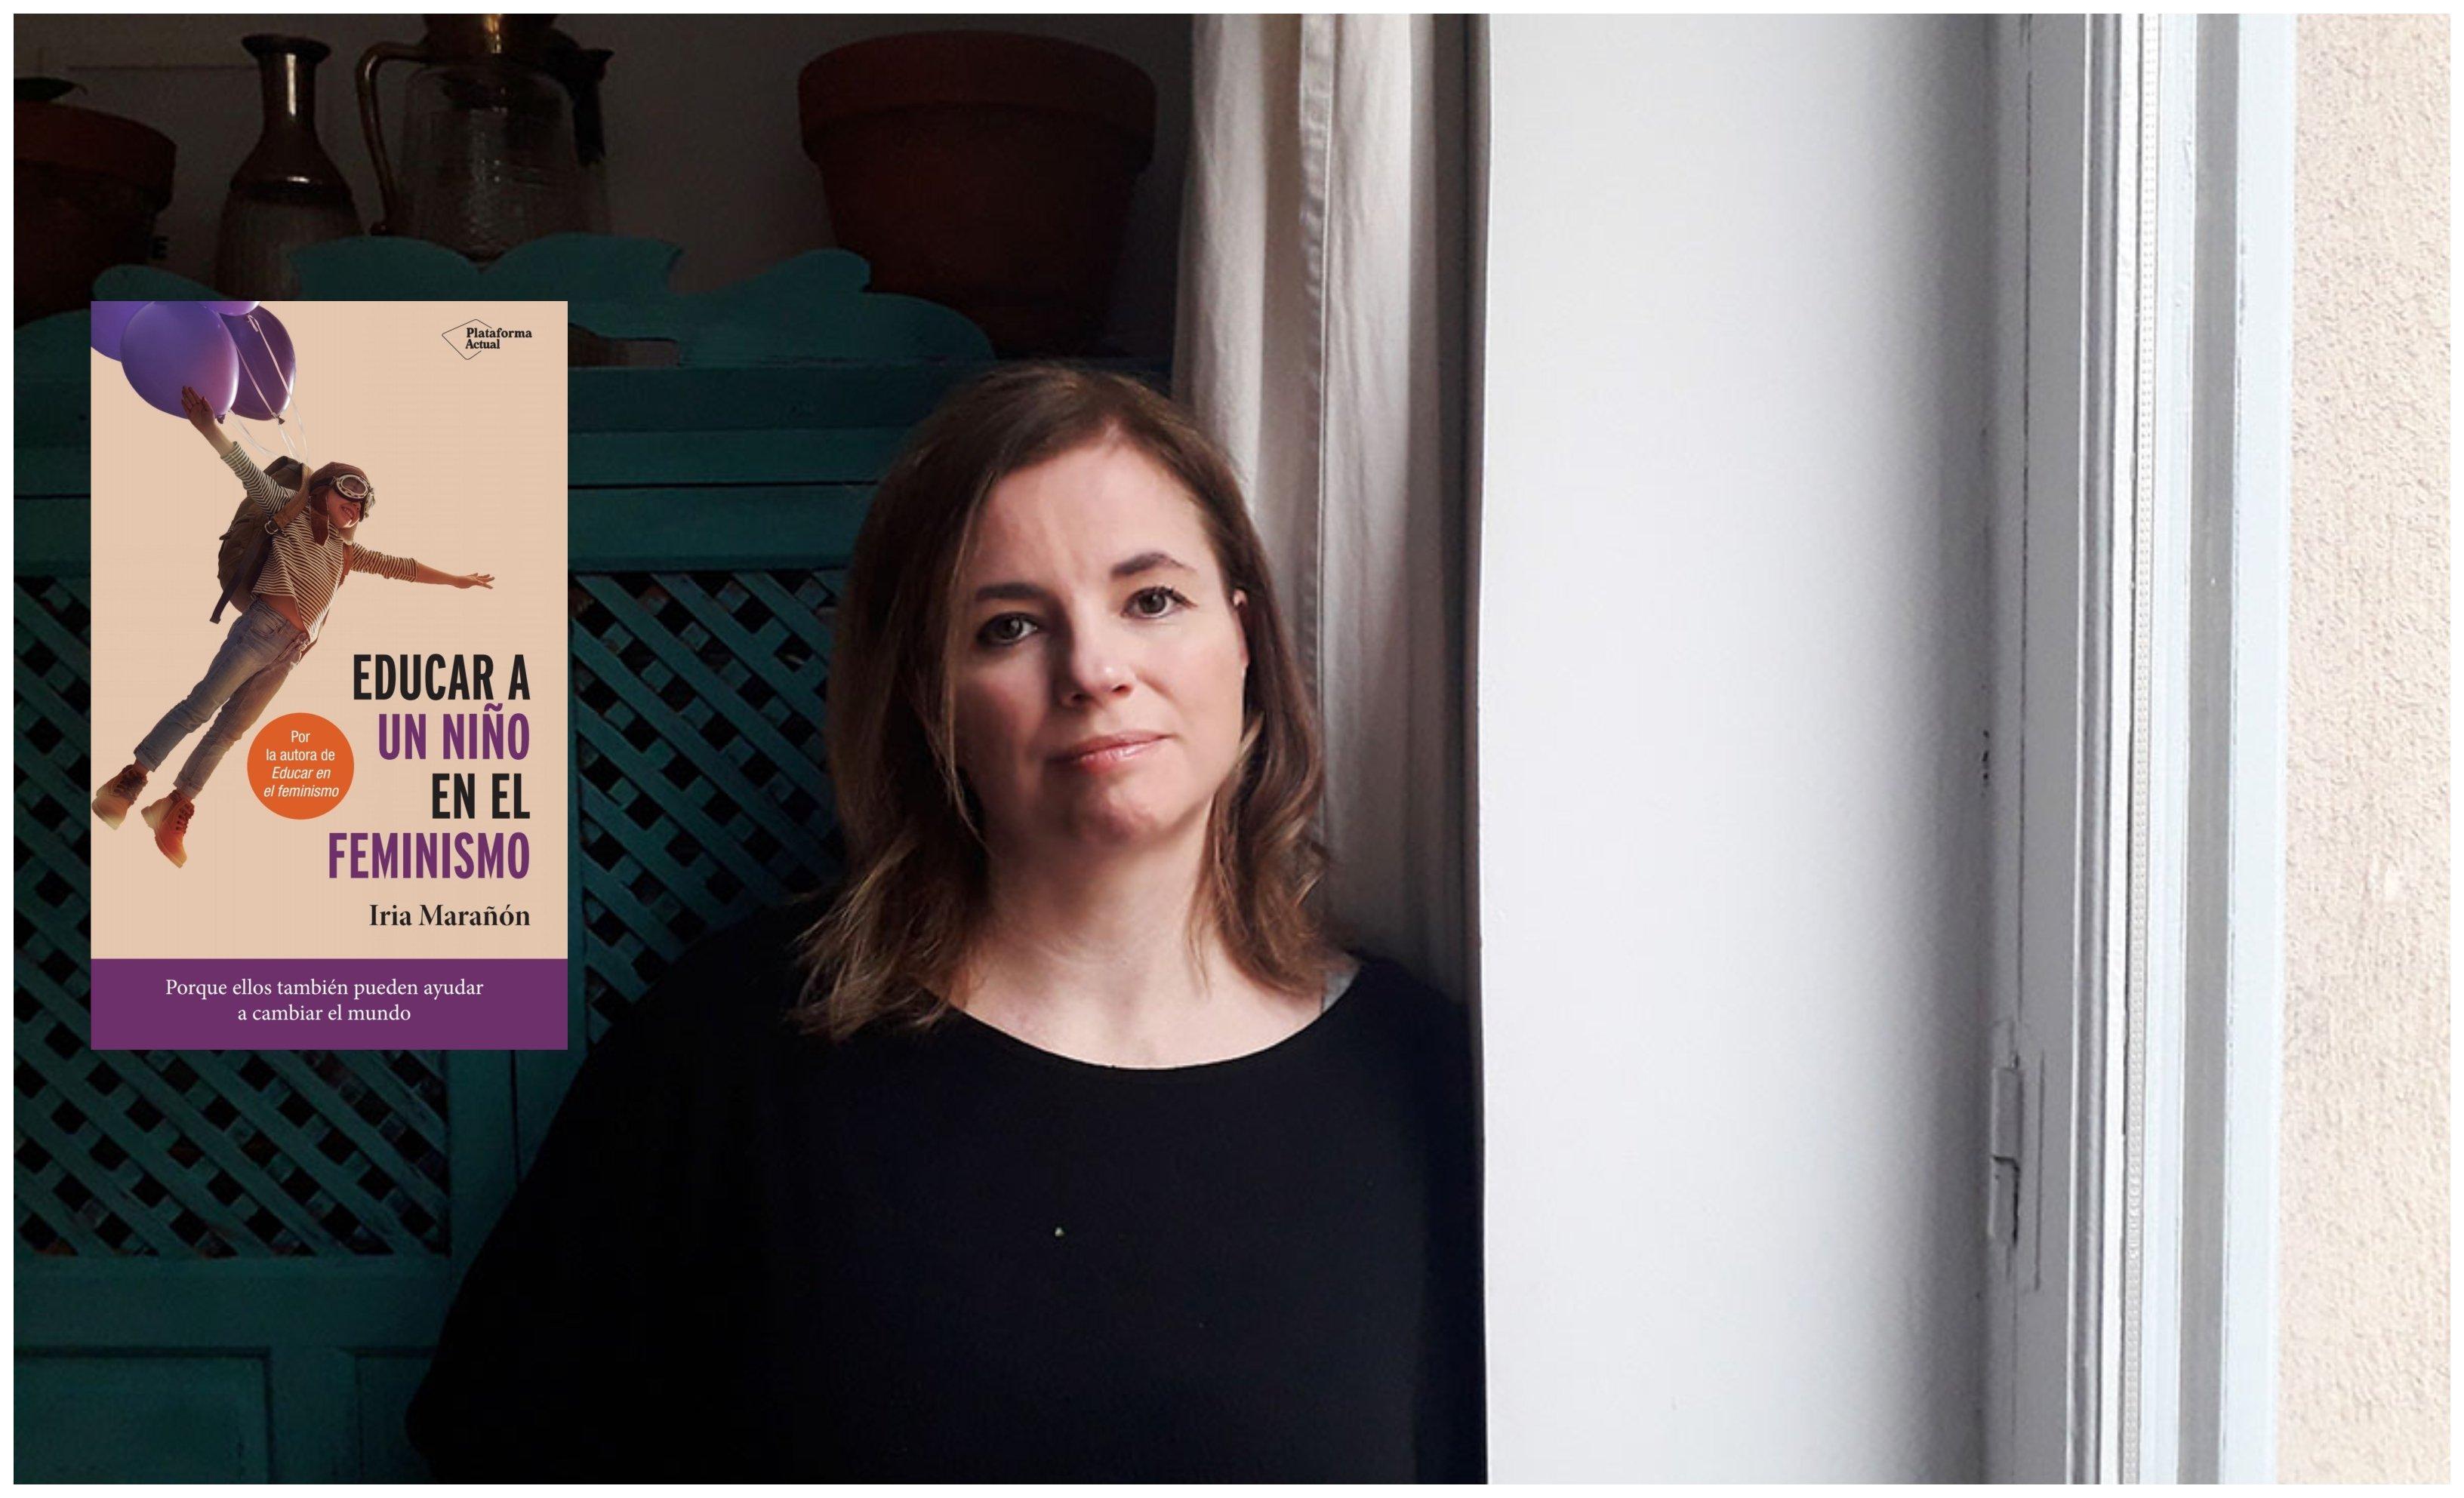 El País y la escritora Iria Marañón demuestran científicamente la superioridad de las mujeres sobre los hombres: en 2019 el 86% de los ahogados en espacios acuáticos no vigilados fueron hombres